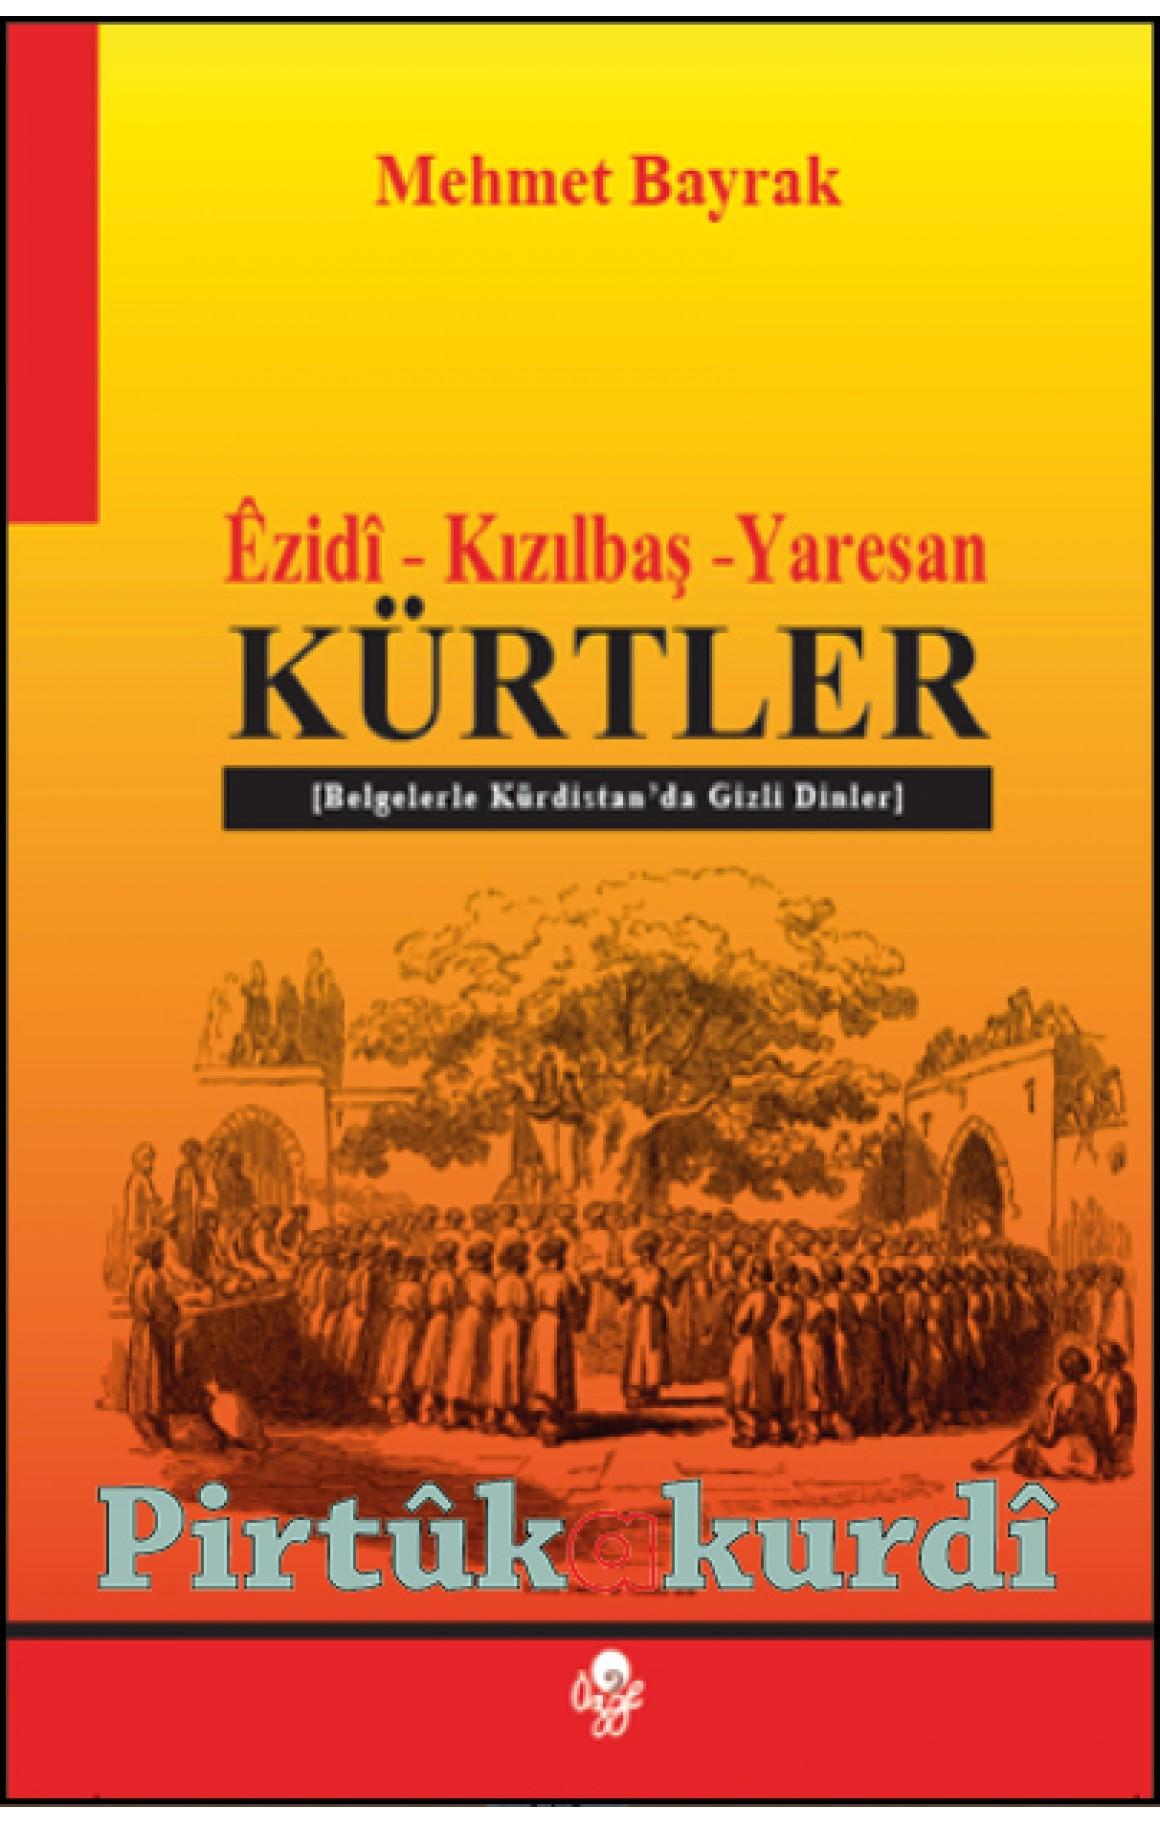 Kürtler - Ezidi - Kızılbaş - Yaresan Belgelerle Kürdistan'da Gizli Dinler